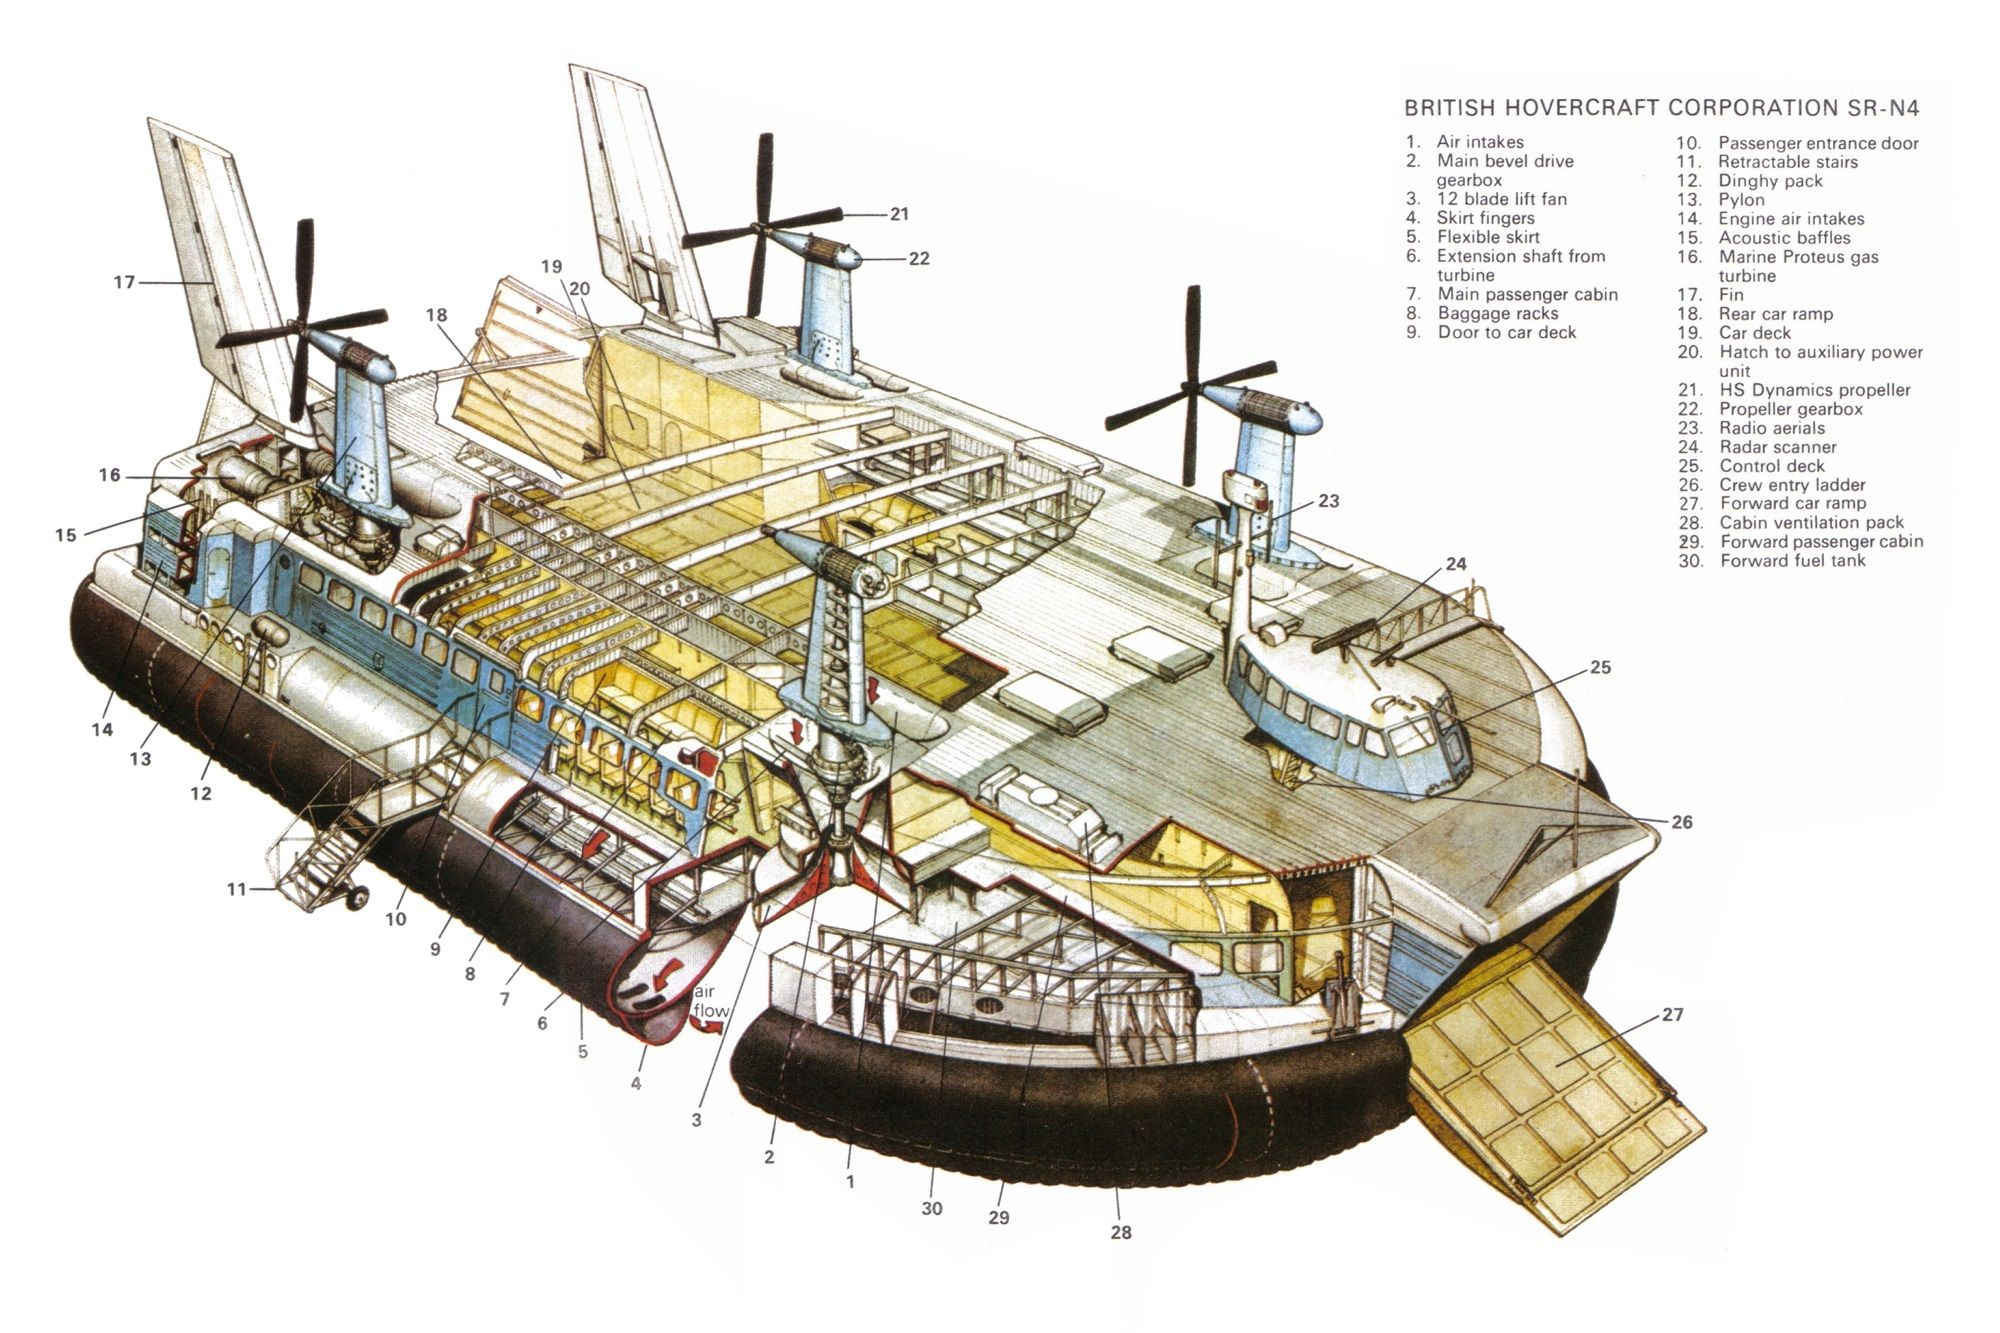 Spaceship Cutaway Diagram Mercury Optimax 150 Wiring British Hovercraft Corporation Sr N4 Ship Schematics